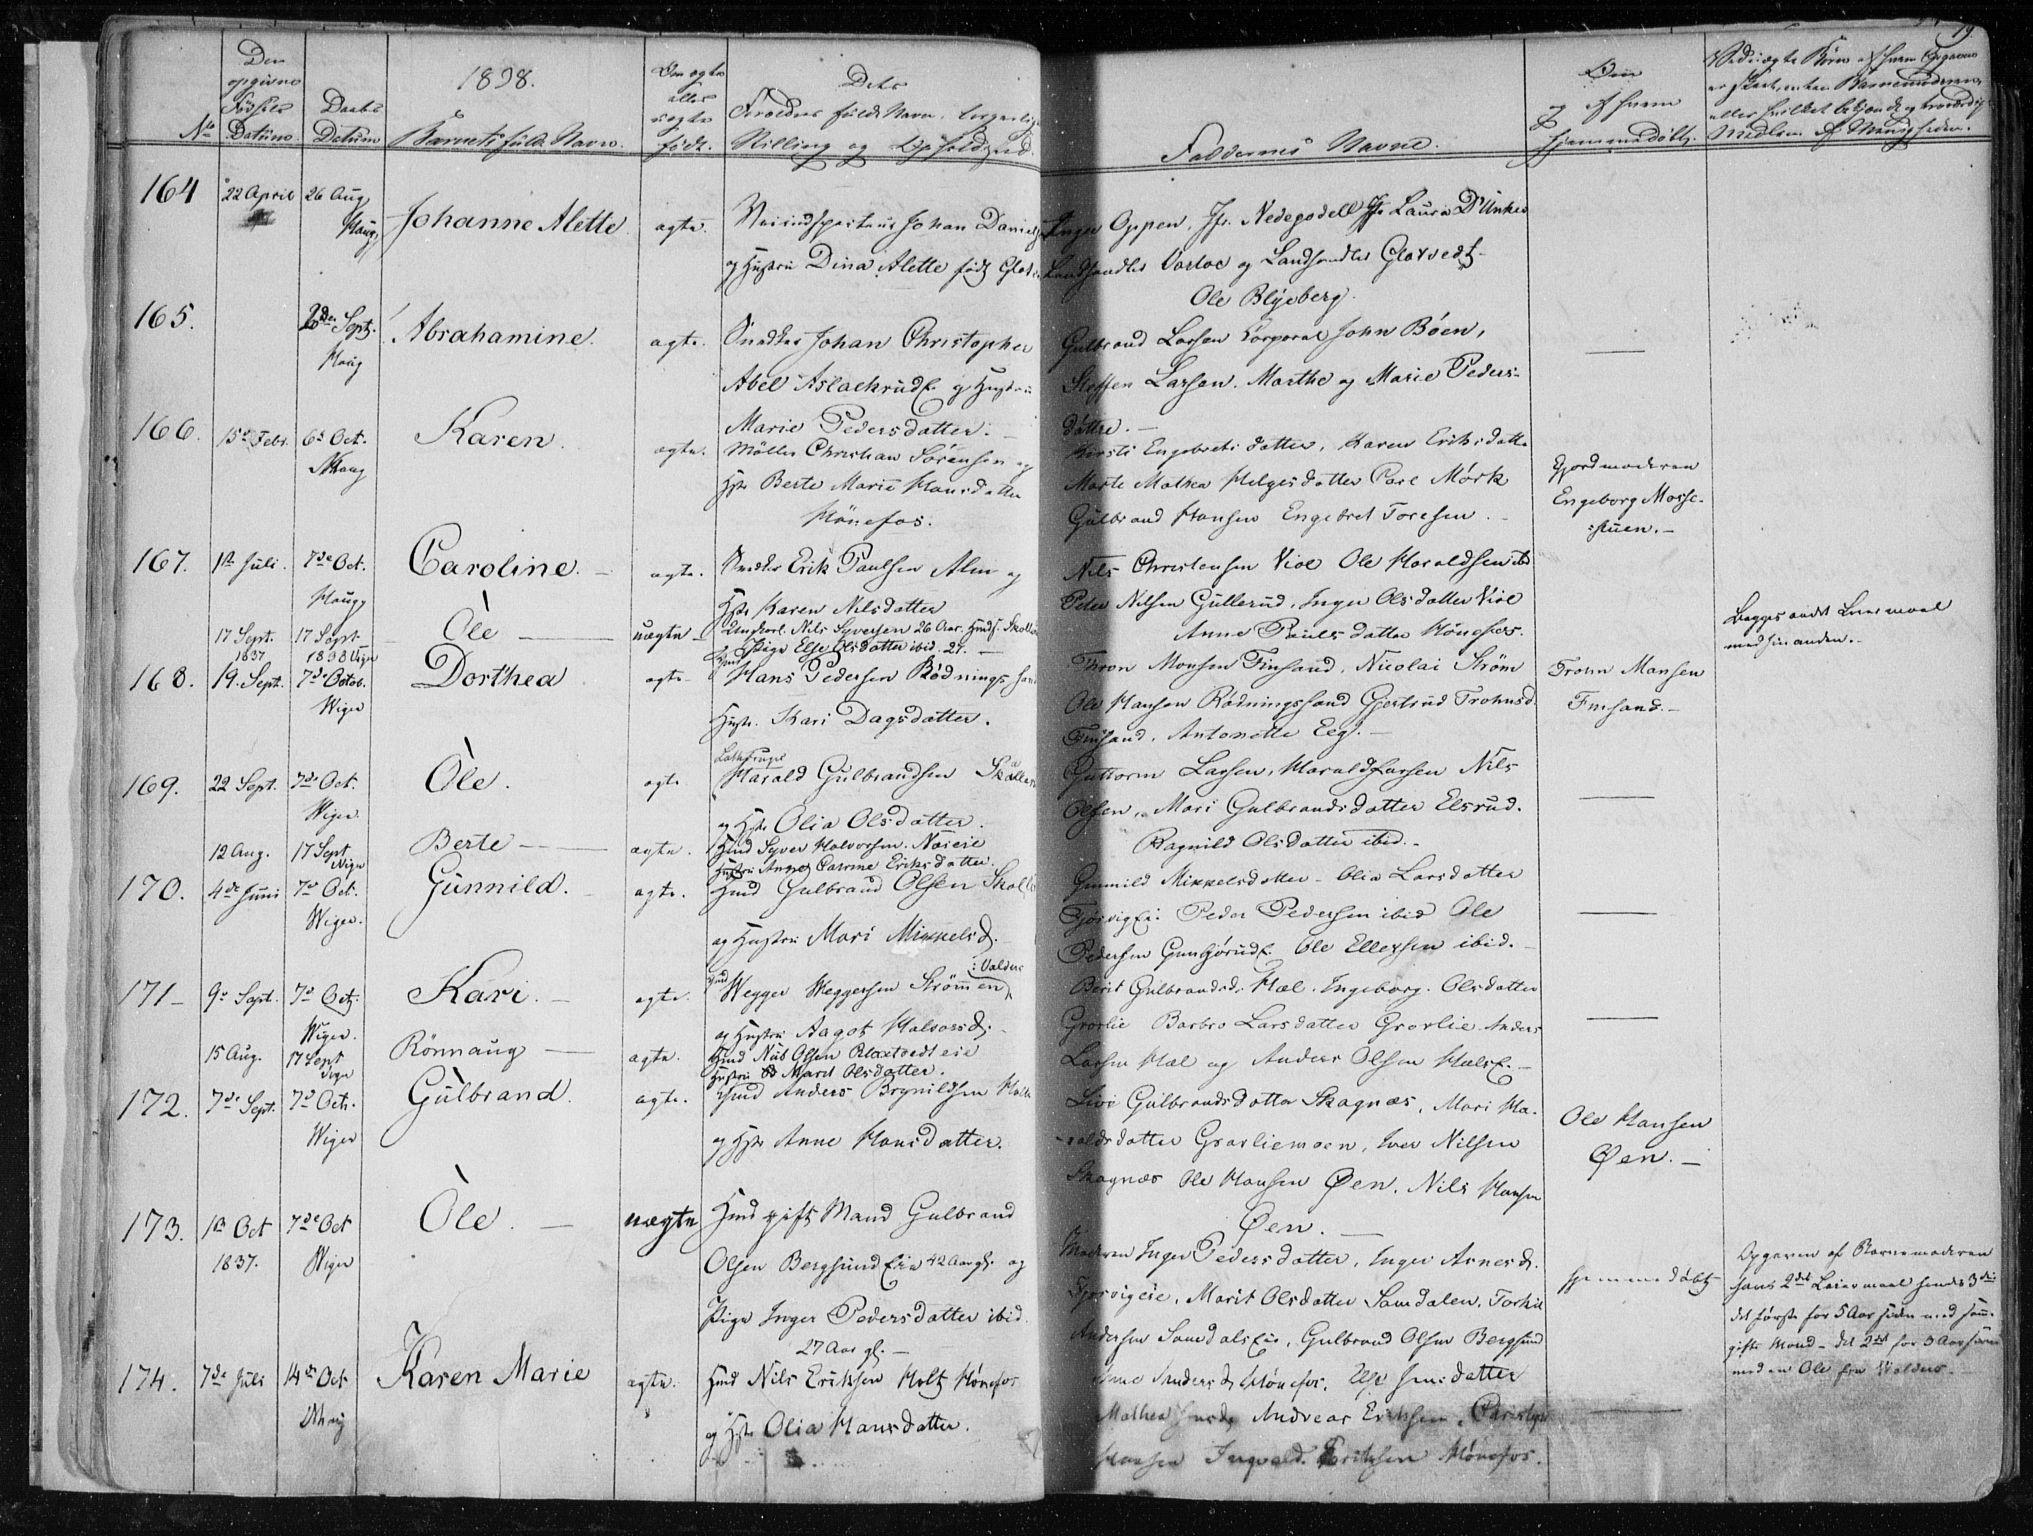 SAKO, Norderhov kirkebøker, F/Fa/L0010: Ministerialbok nr. 10, 1837-1847, s. 19